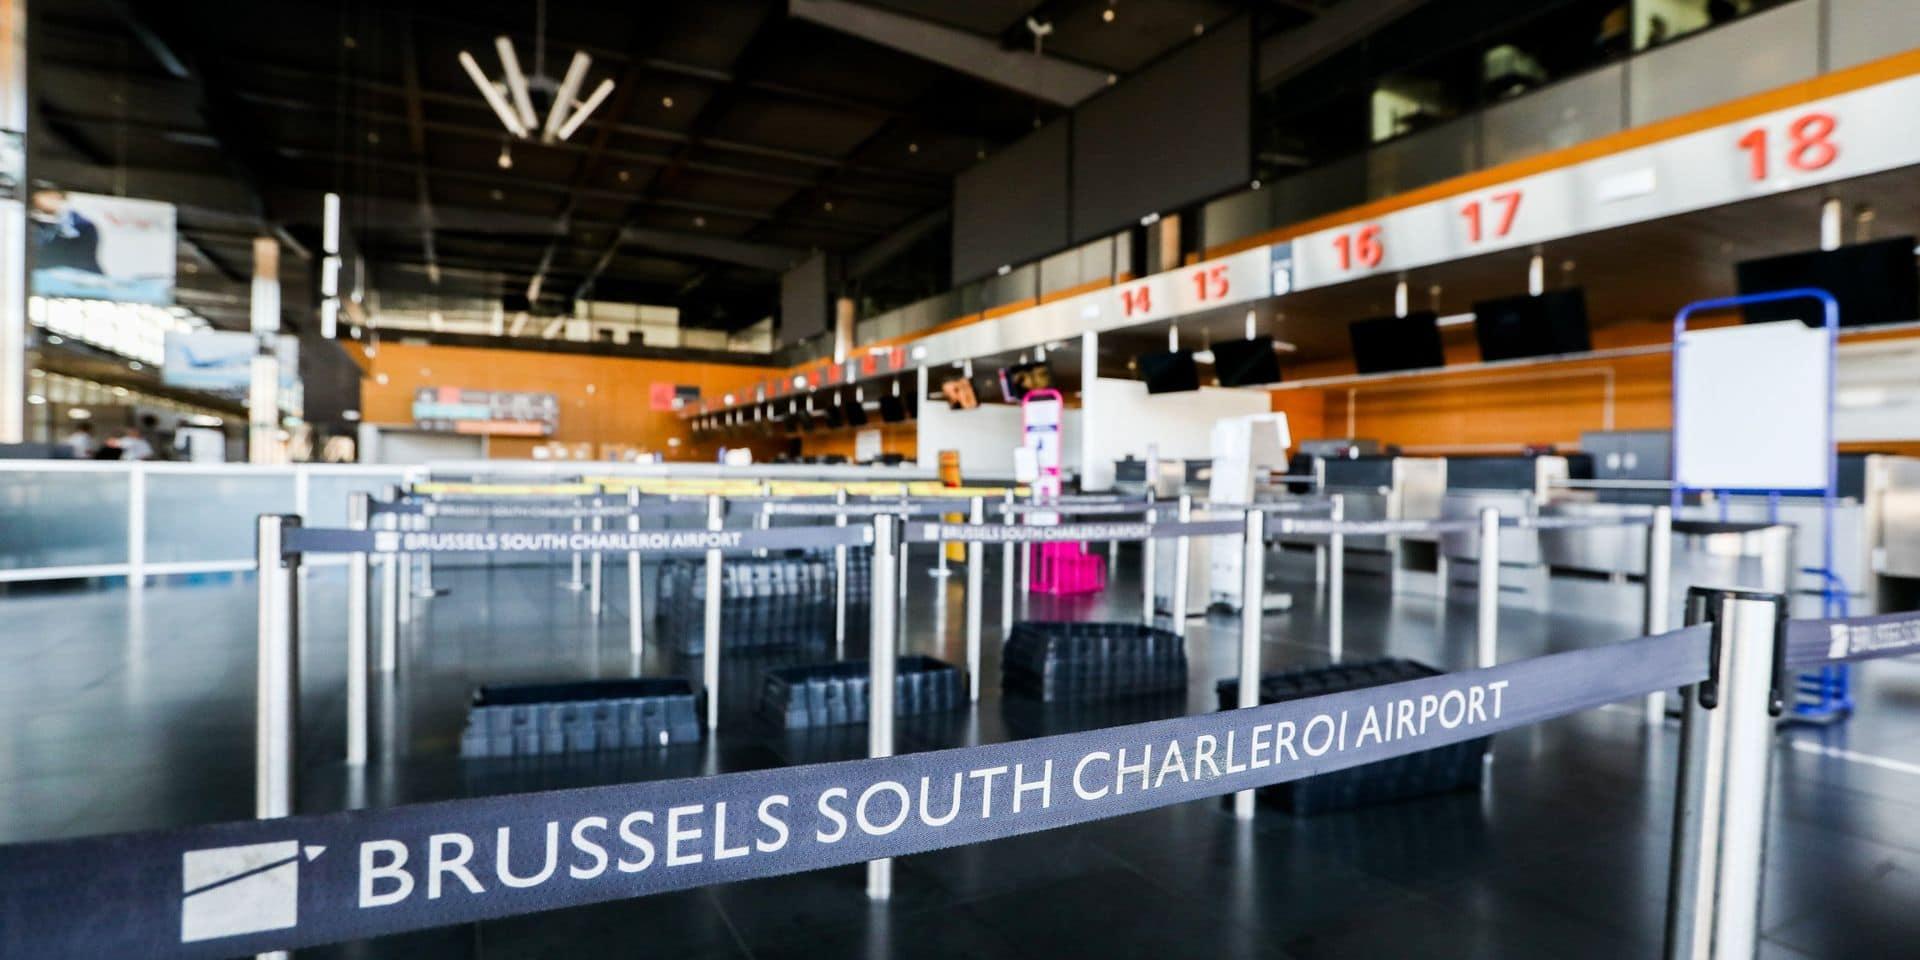 Le centre de testing de l'aéroport de Charleroi désormais accessible à tout public